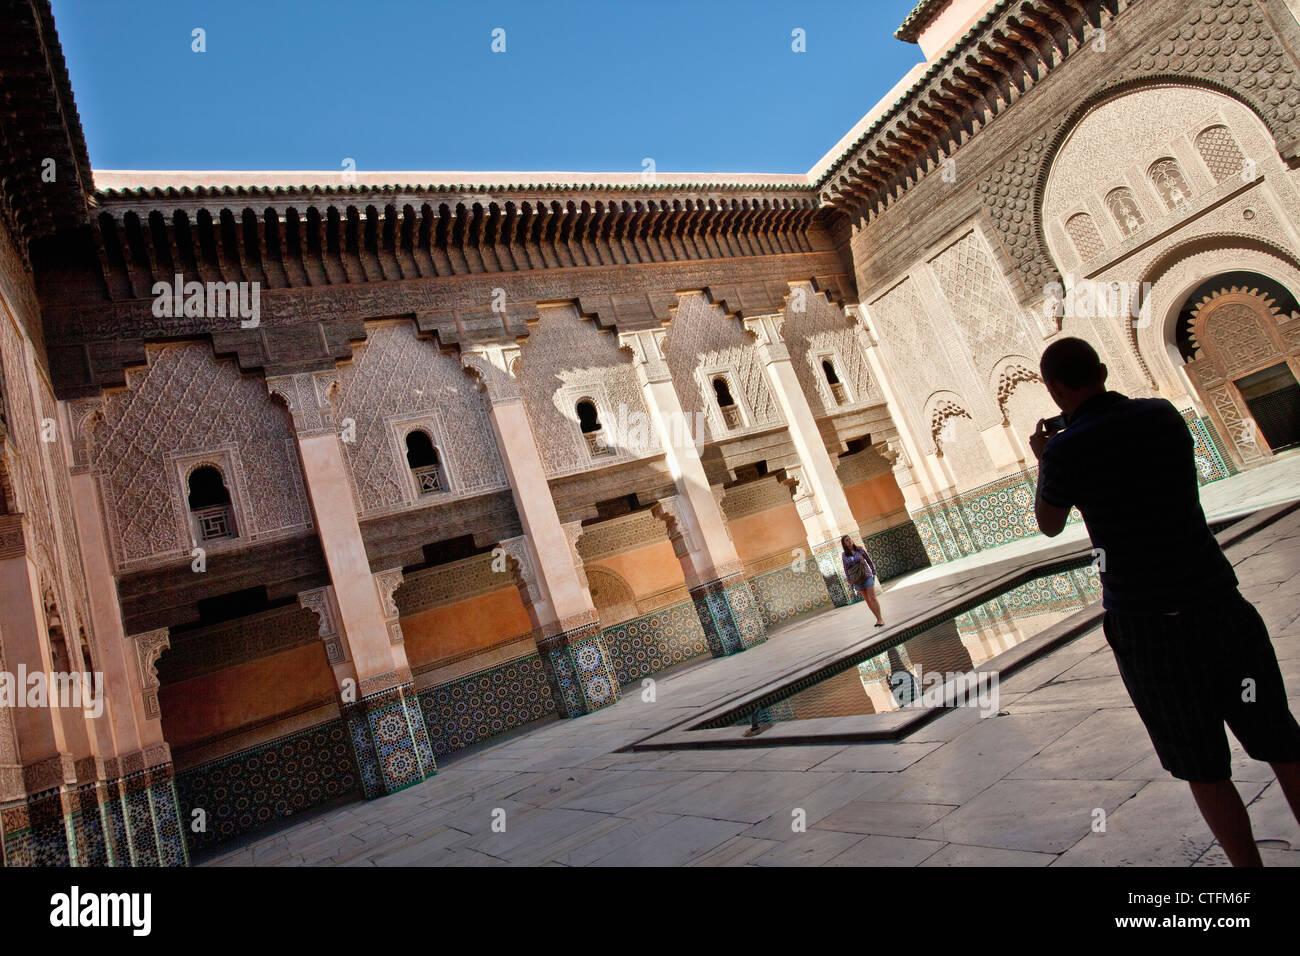 Il Marocco, la Medina di Marrakech, Ali ben Youssef Medersa. Immagini Stock